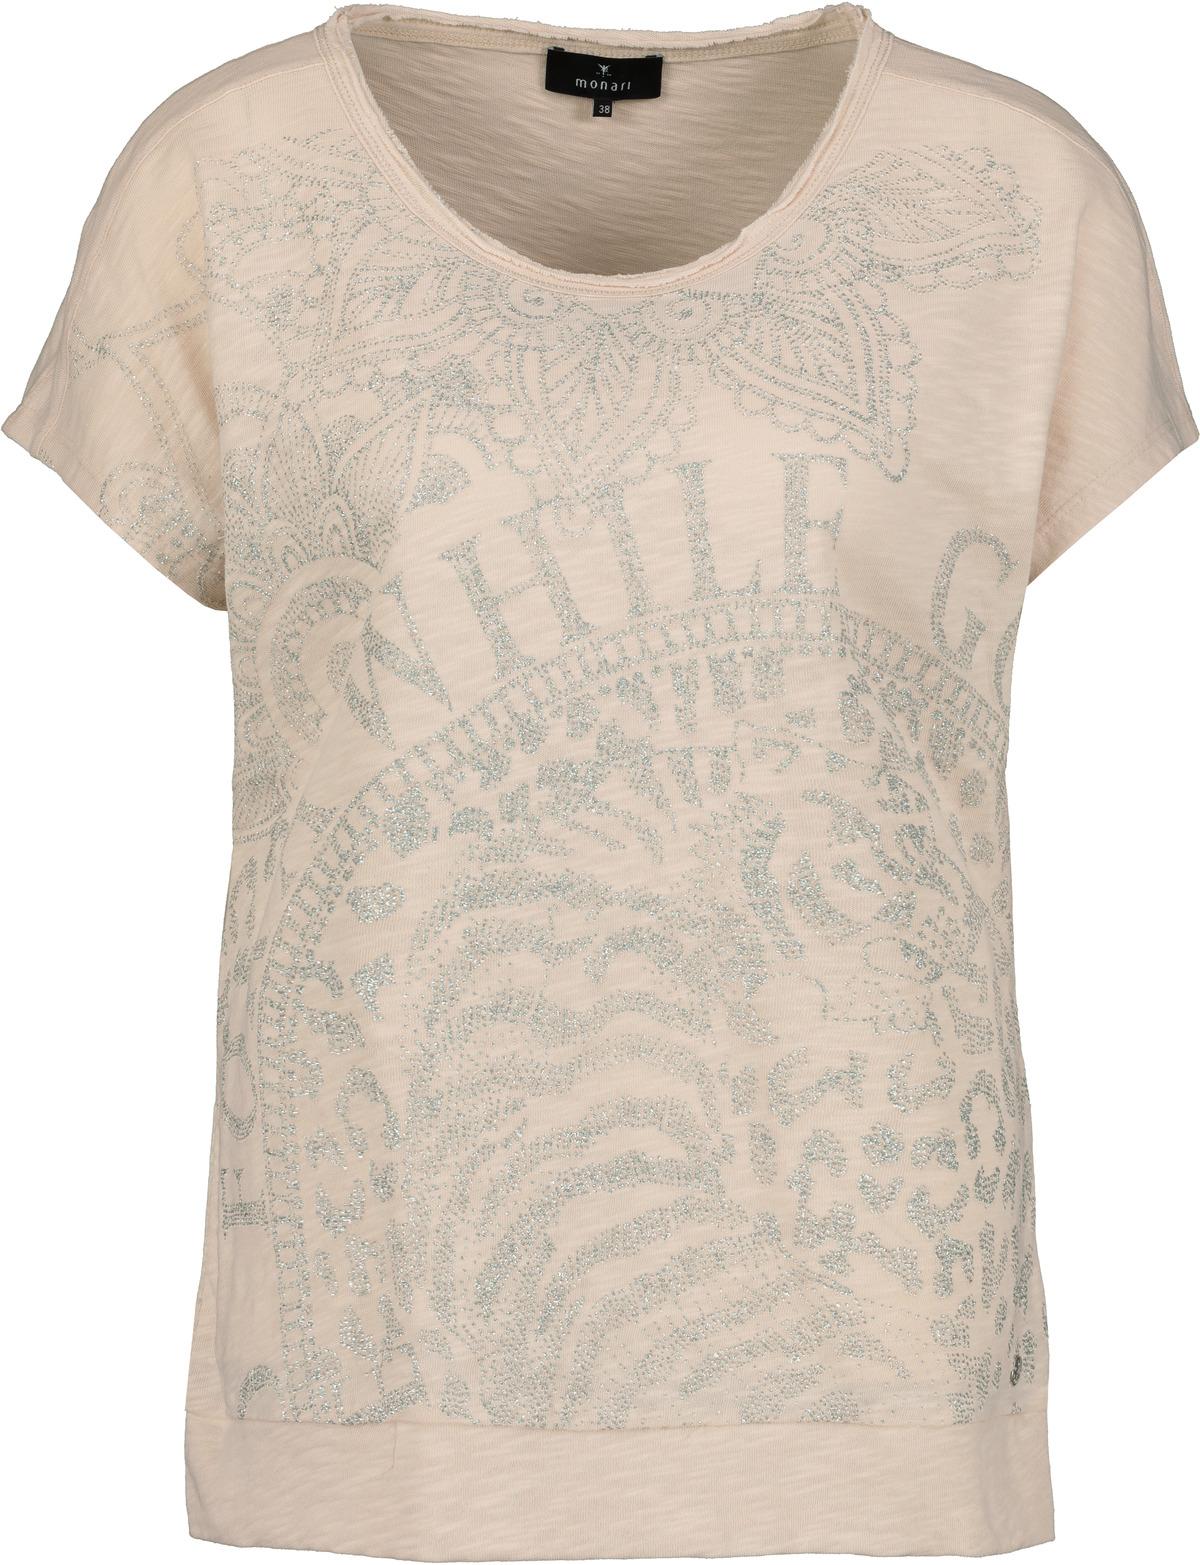 Monari kurzarm Shirt aus Baumwolle mit Aufdruck beige